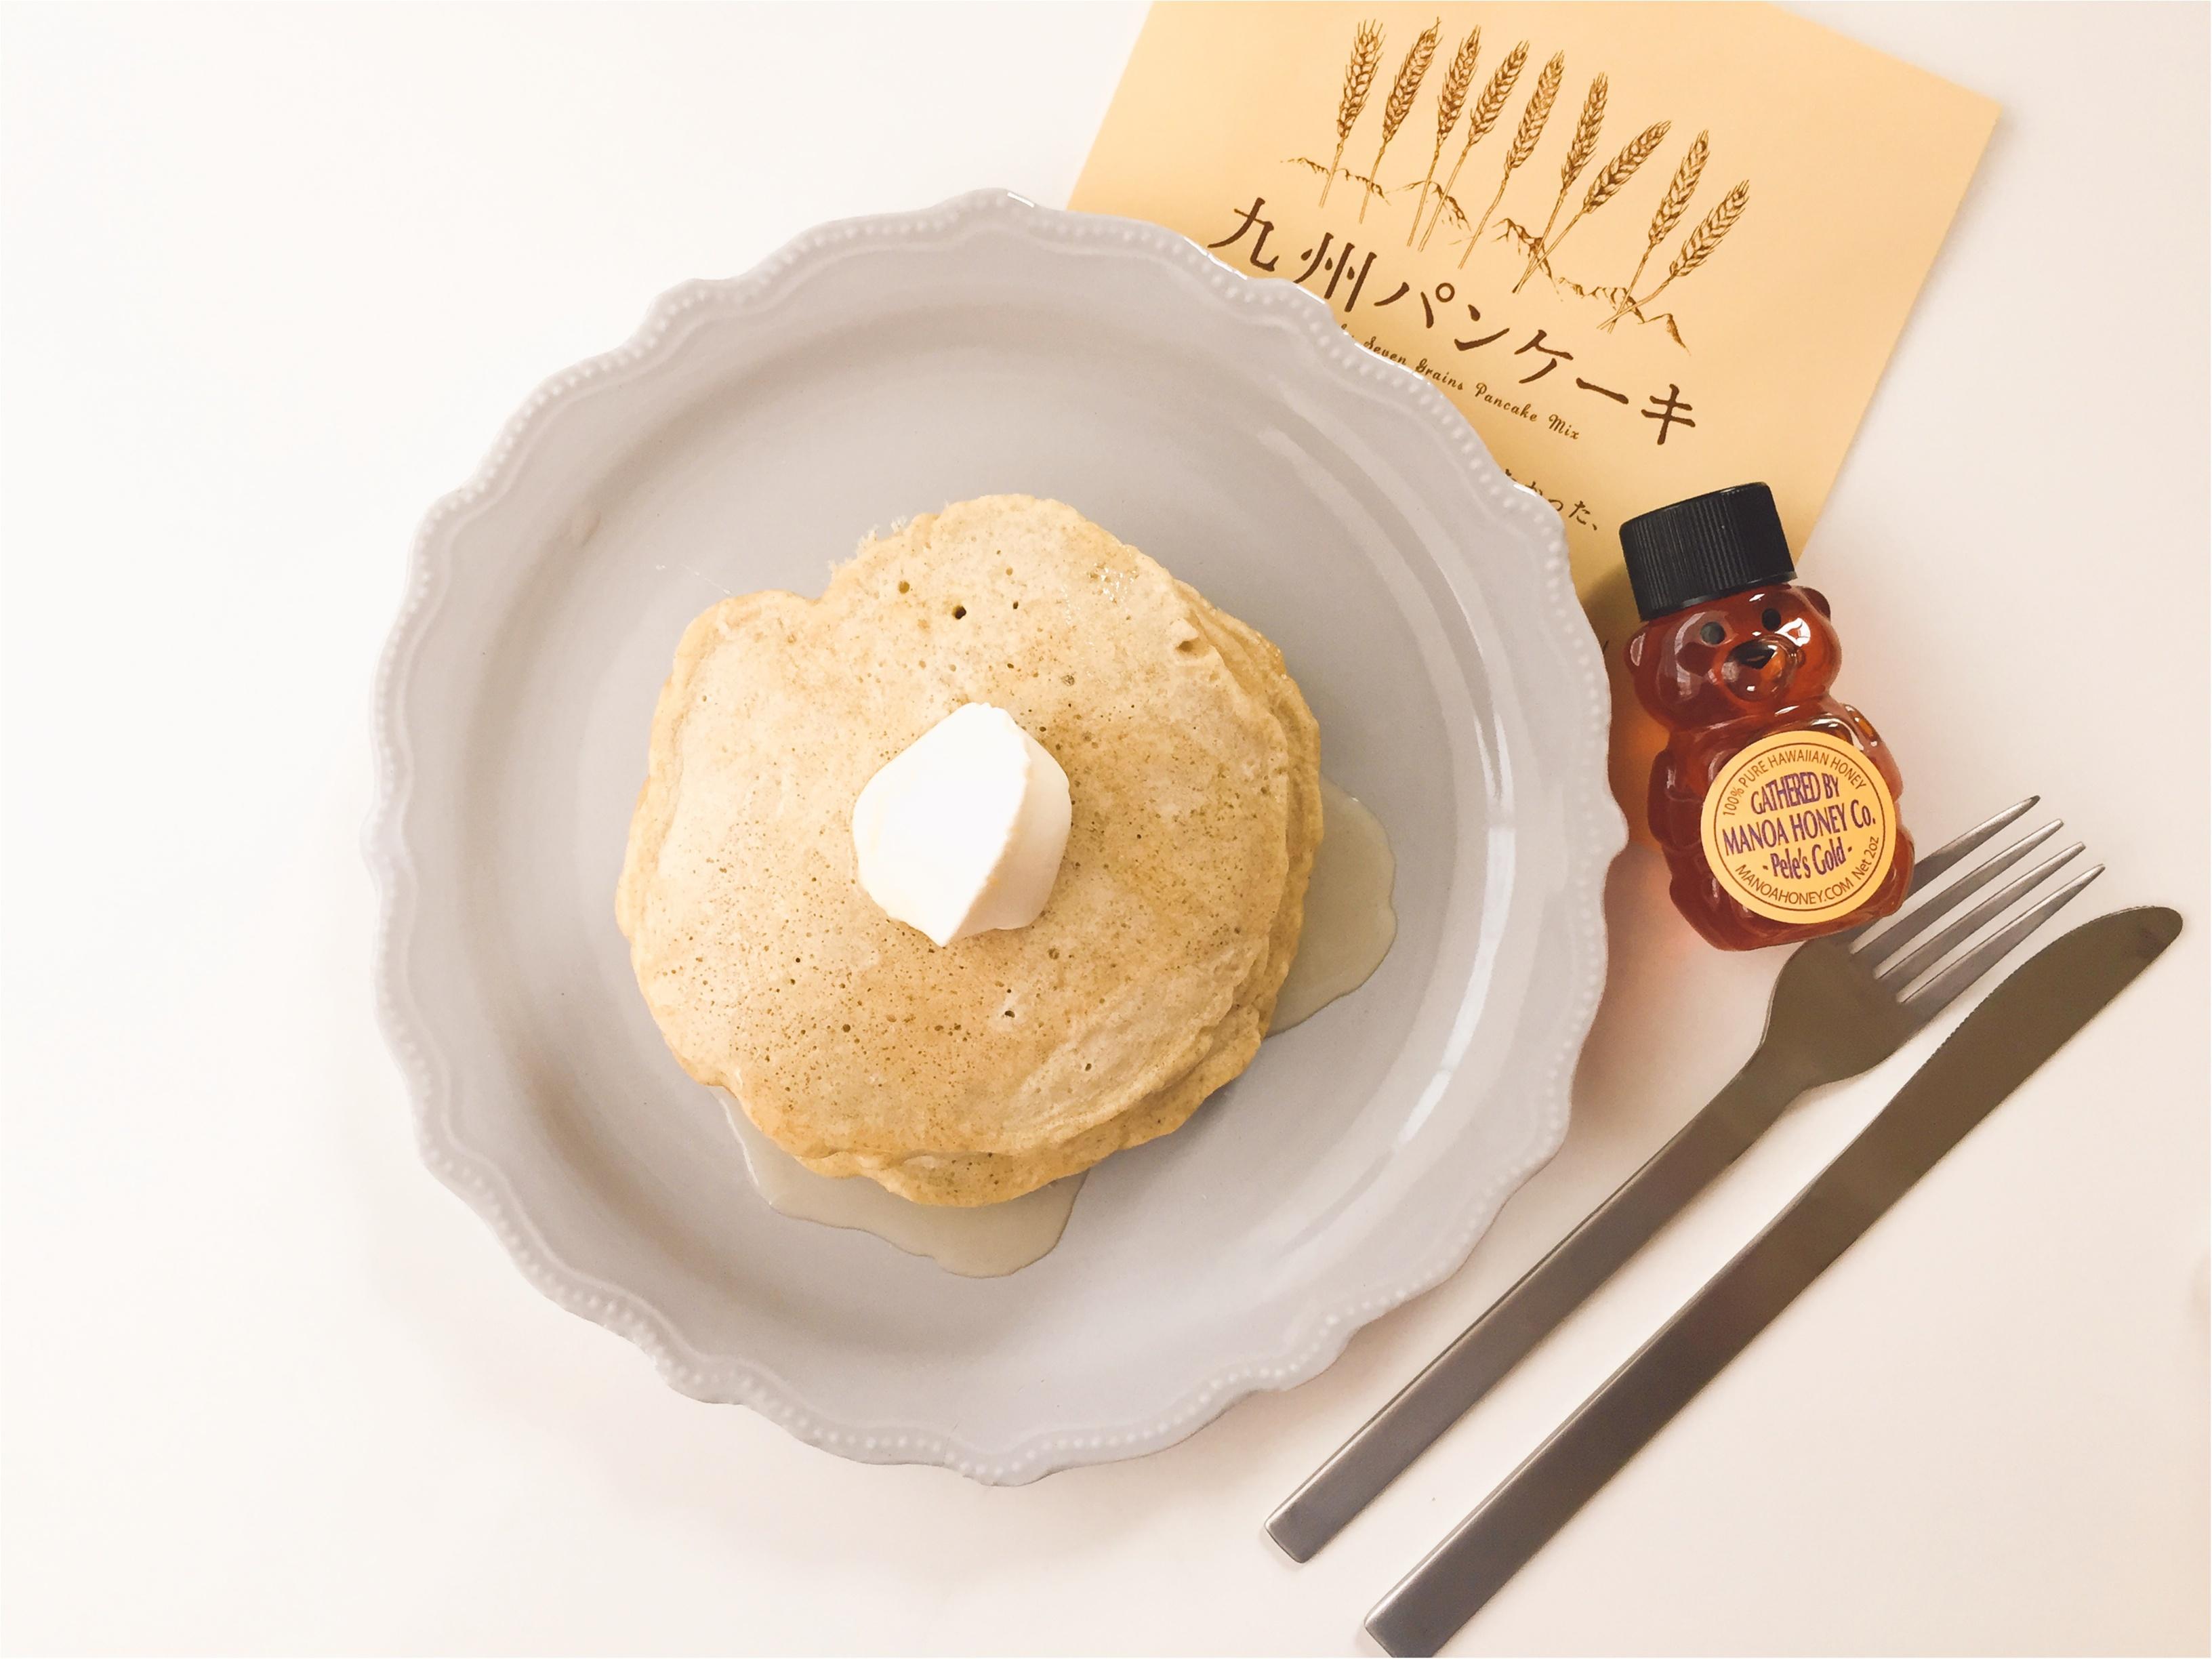 【おうちカフェ】シンプルな美味しさ!ふわもち食感がたまらないっ!『九州パンケーキ』で朝が楽しみになる!!_1